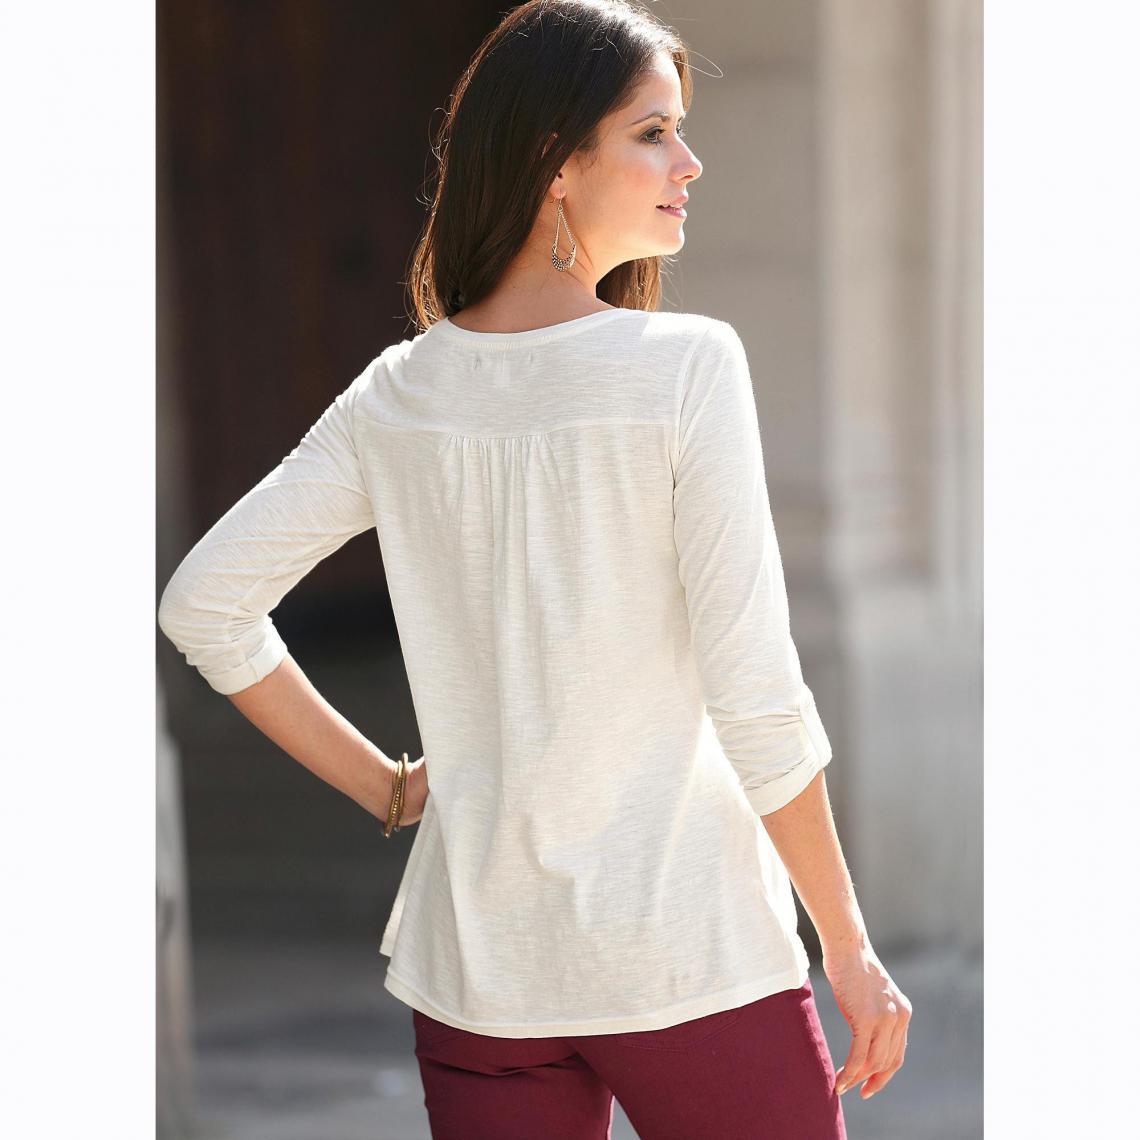 85740c954fe Tee-shirt manches longues tissus contratés femme - Blanc